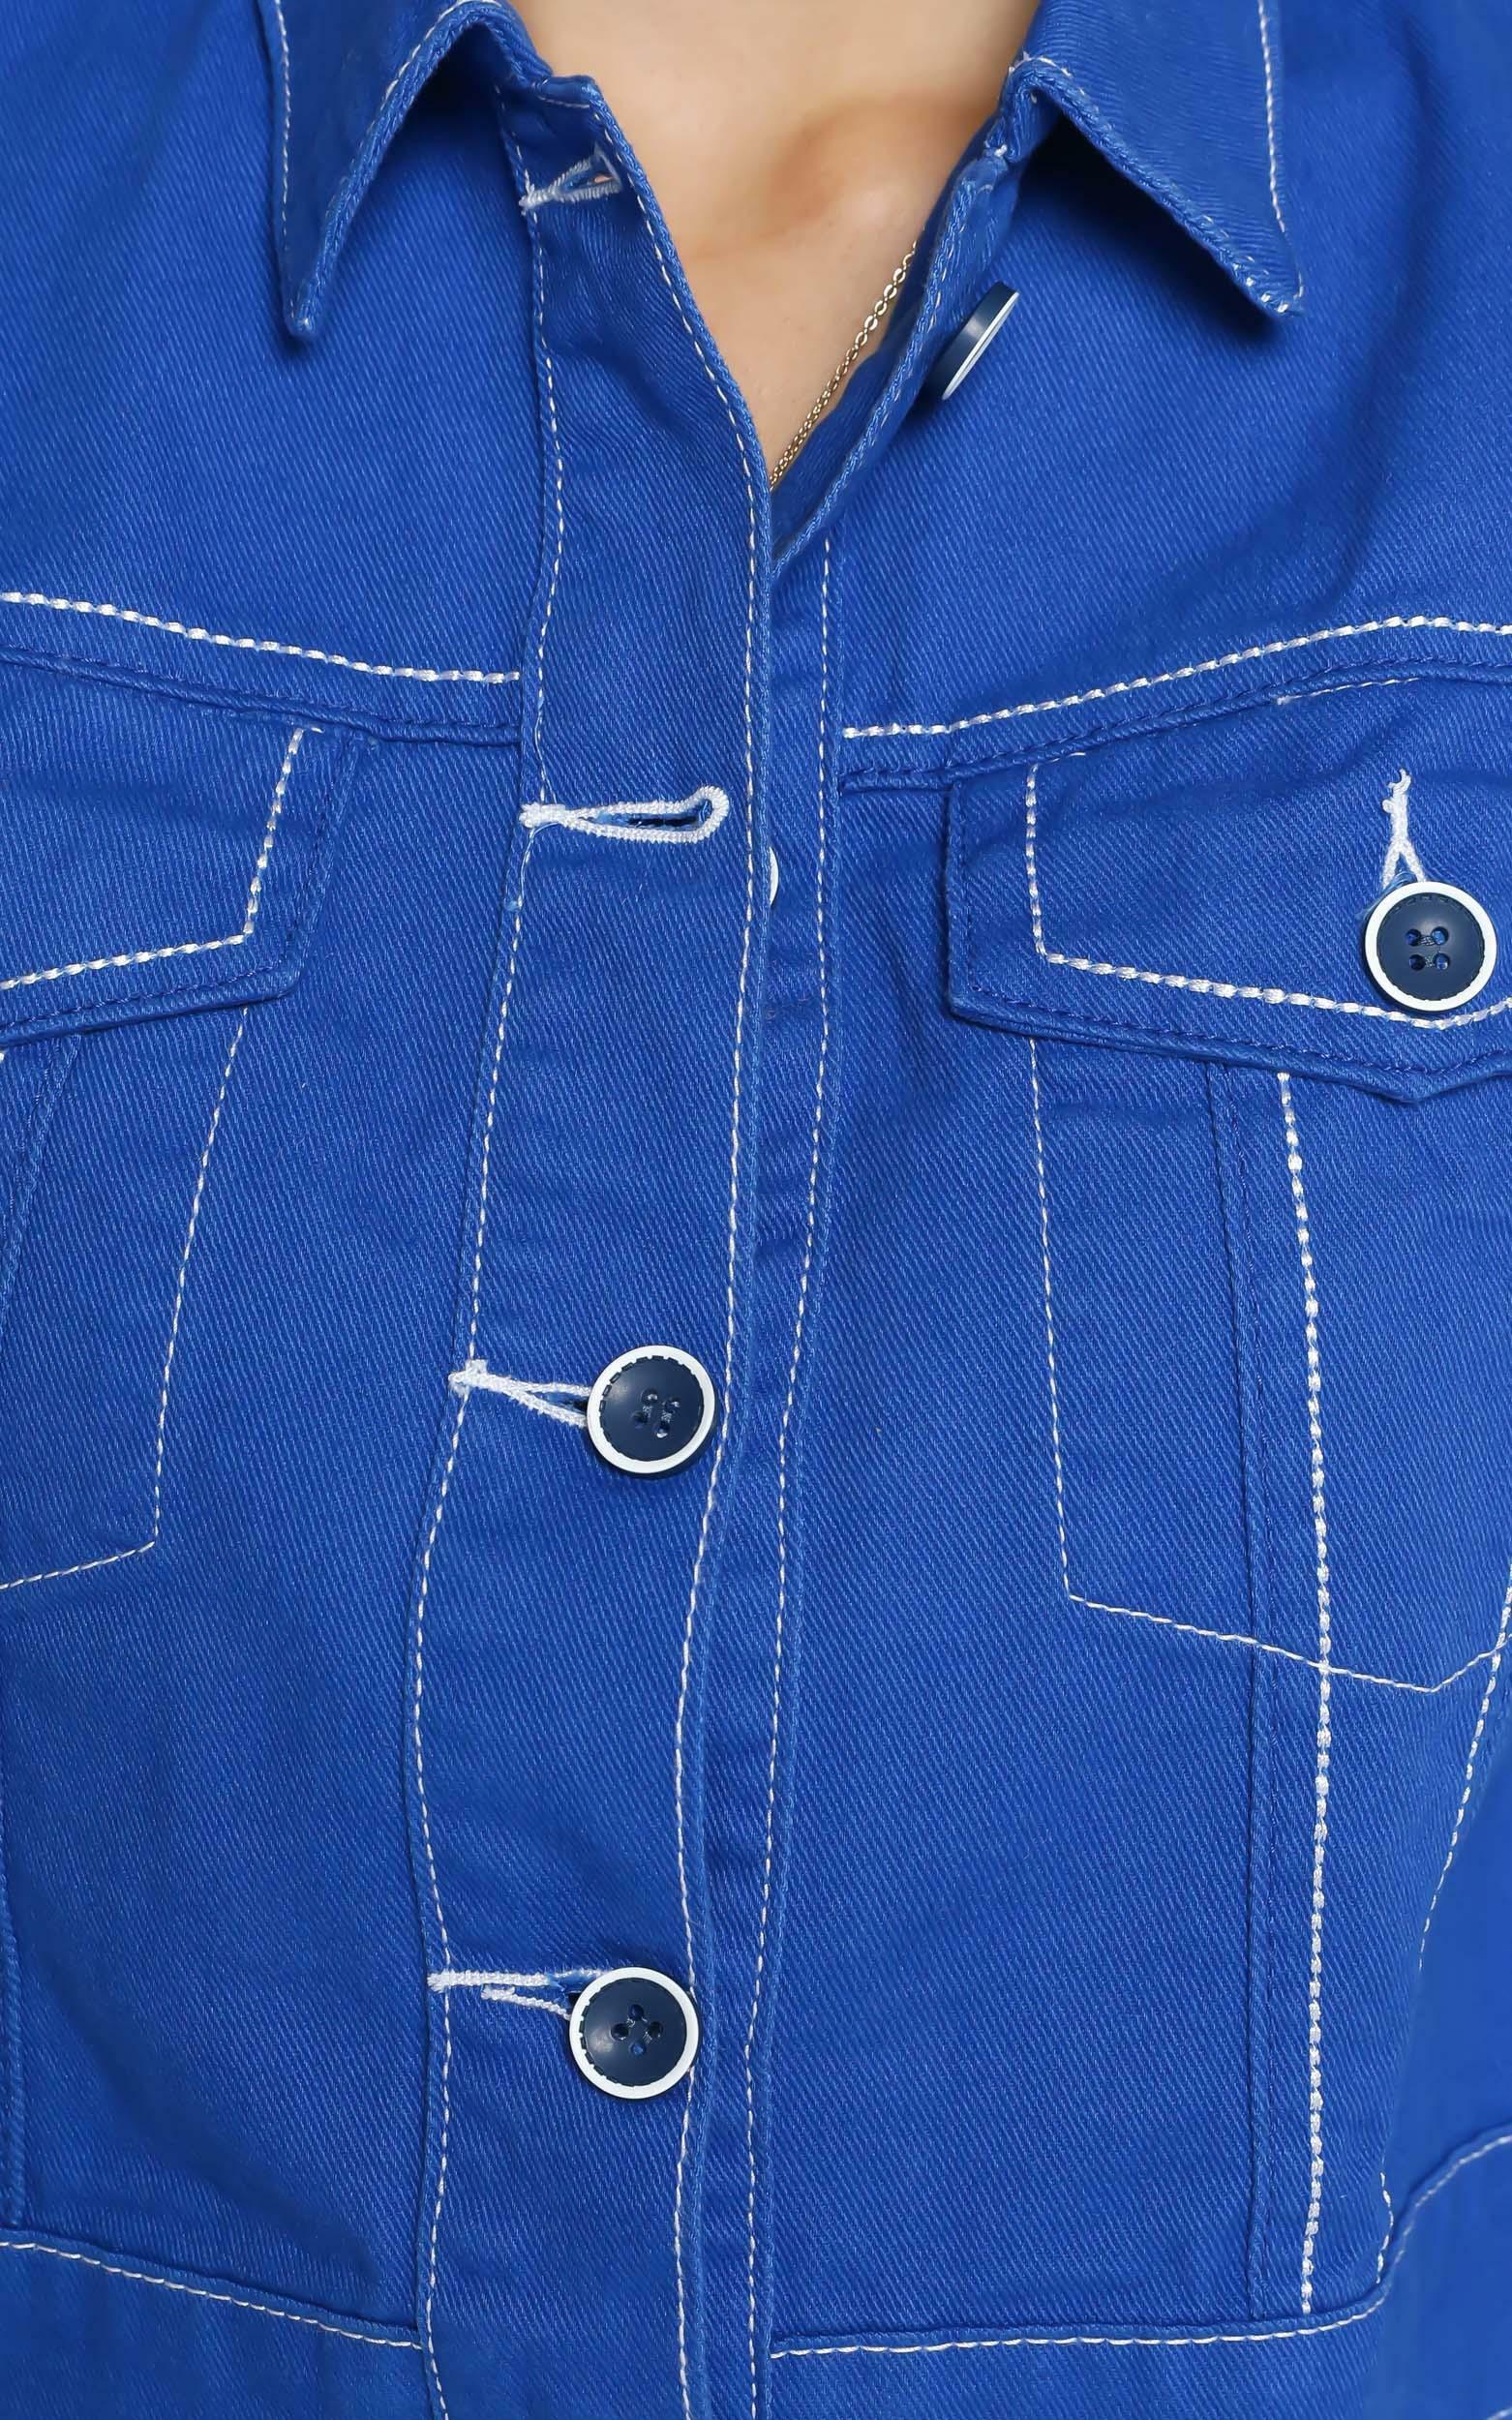 Lioness - Reign Denim Jacket in Cobalt Blue - 4 (XXS), BLU1, hi-res image number null